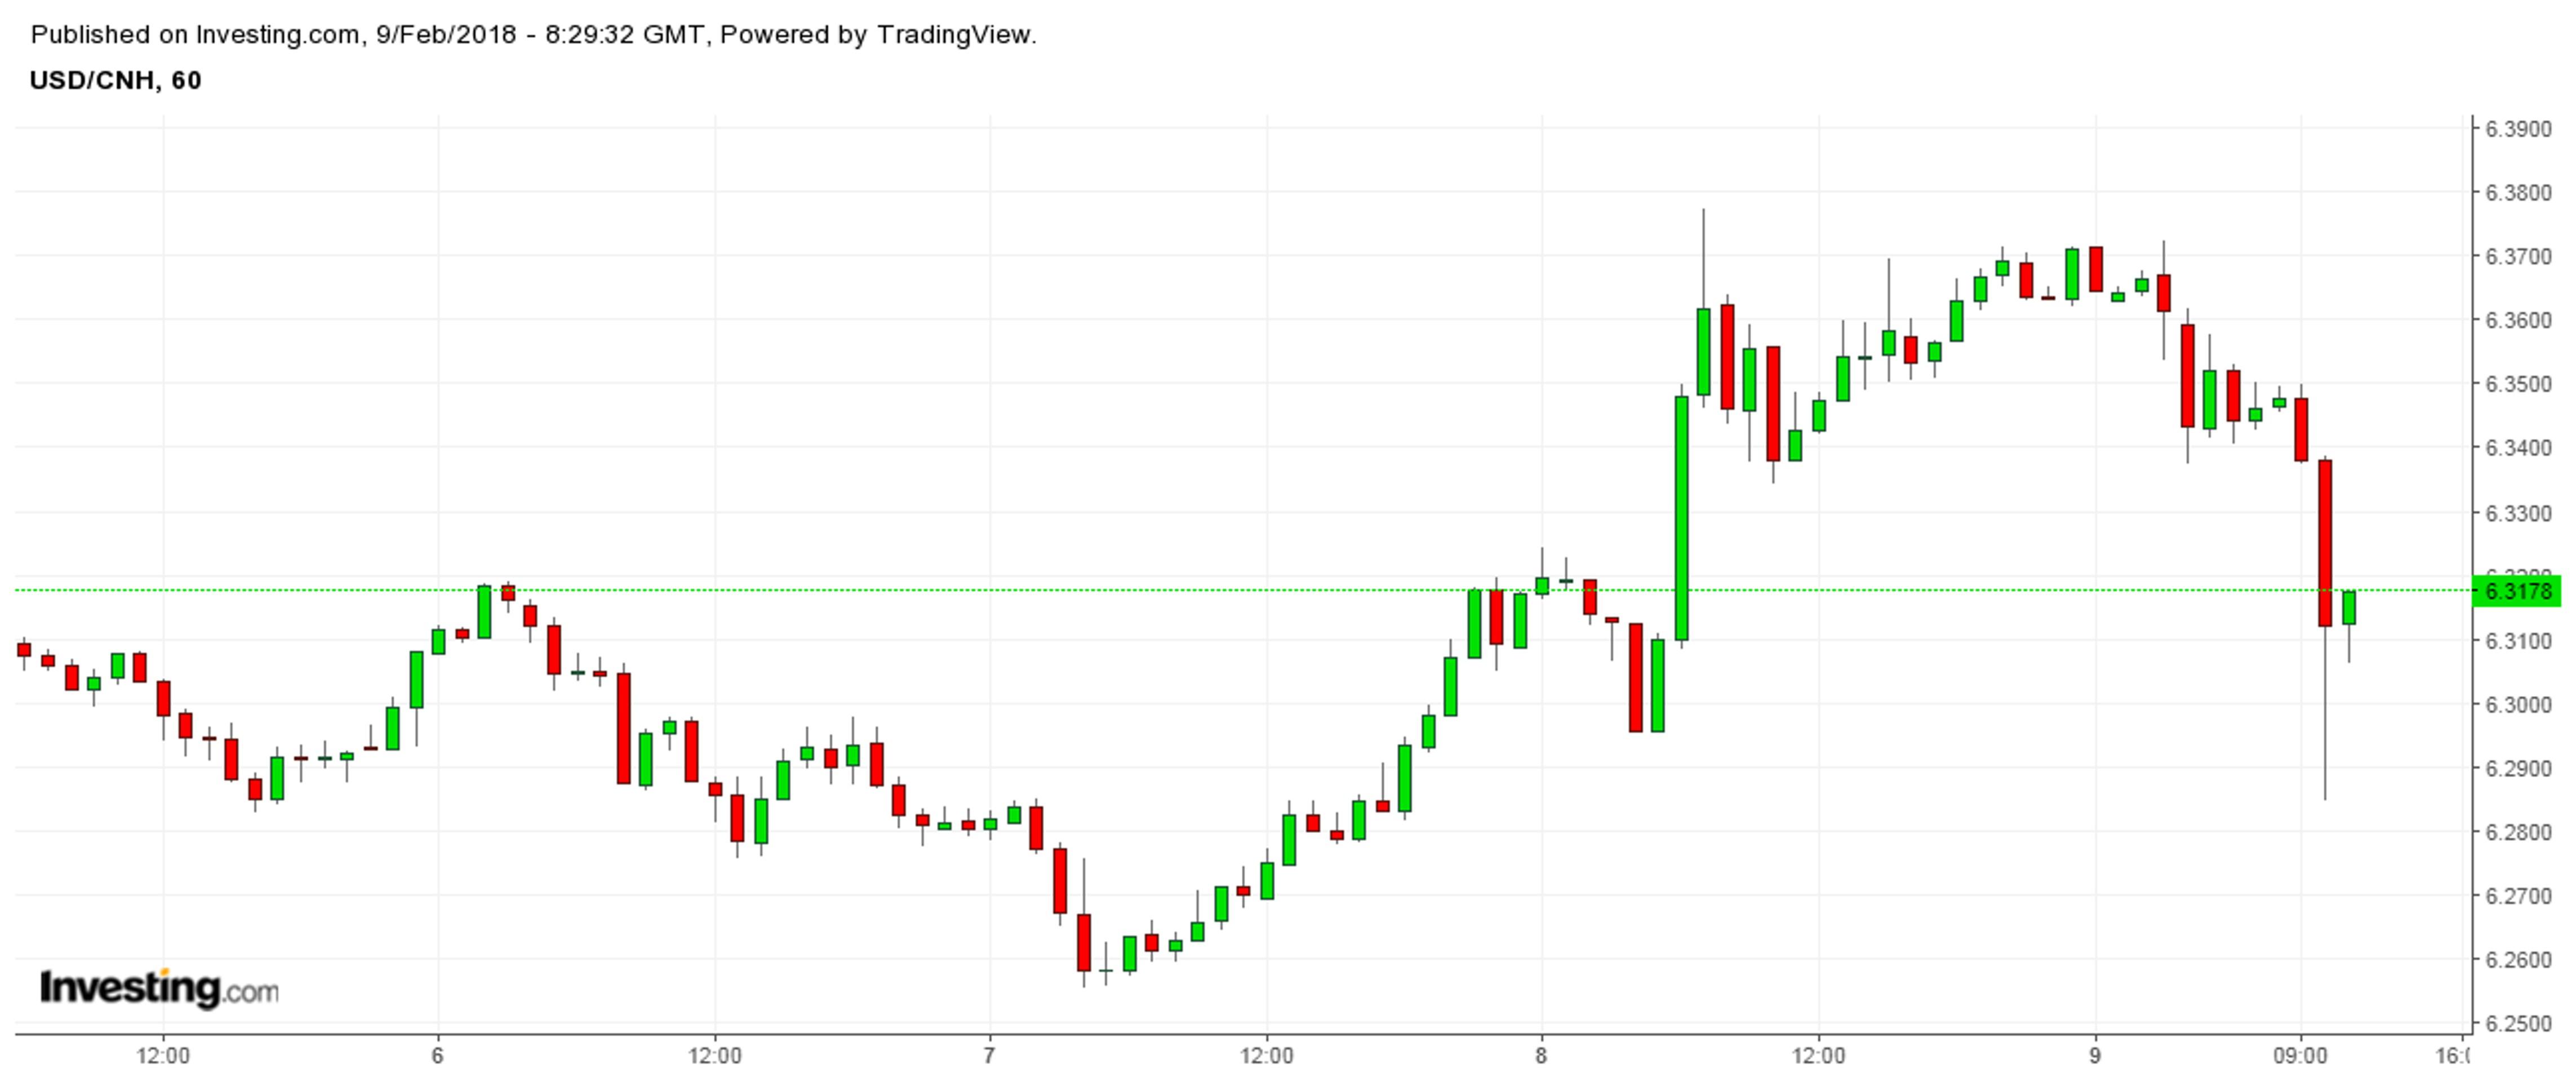 Девальвация юаня отменяется. Что будет с долларом?